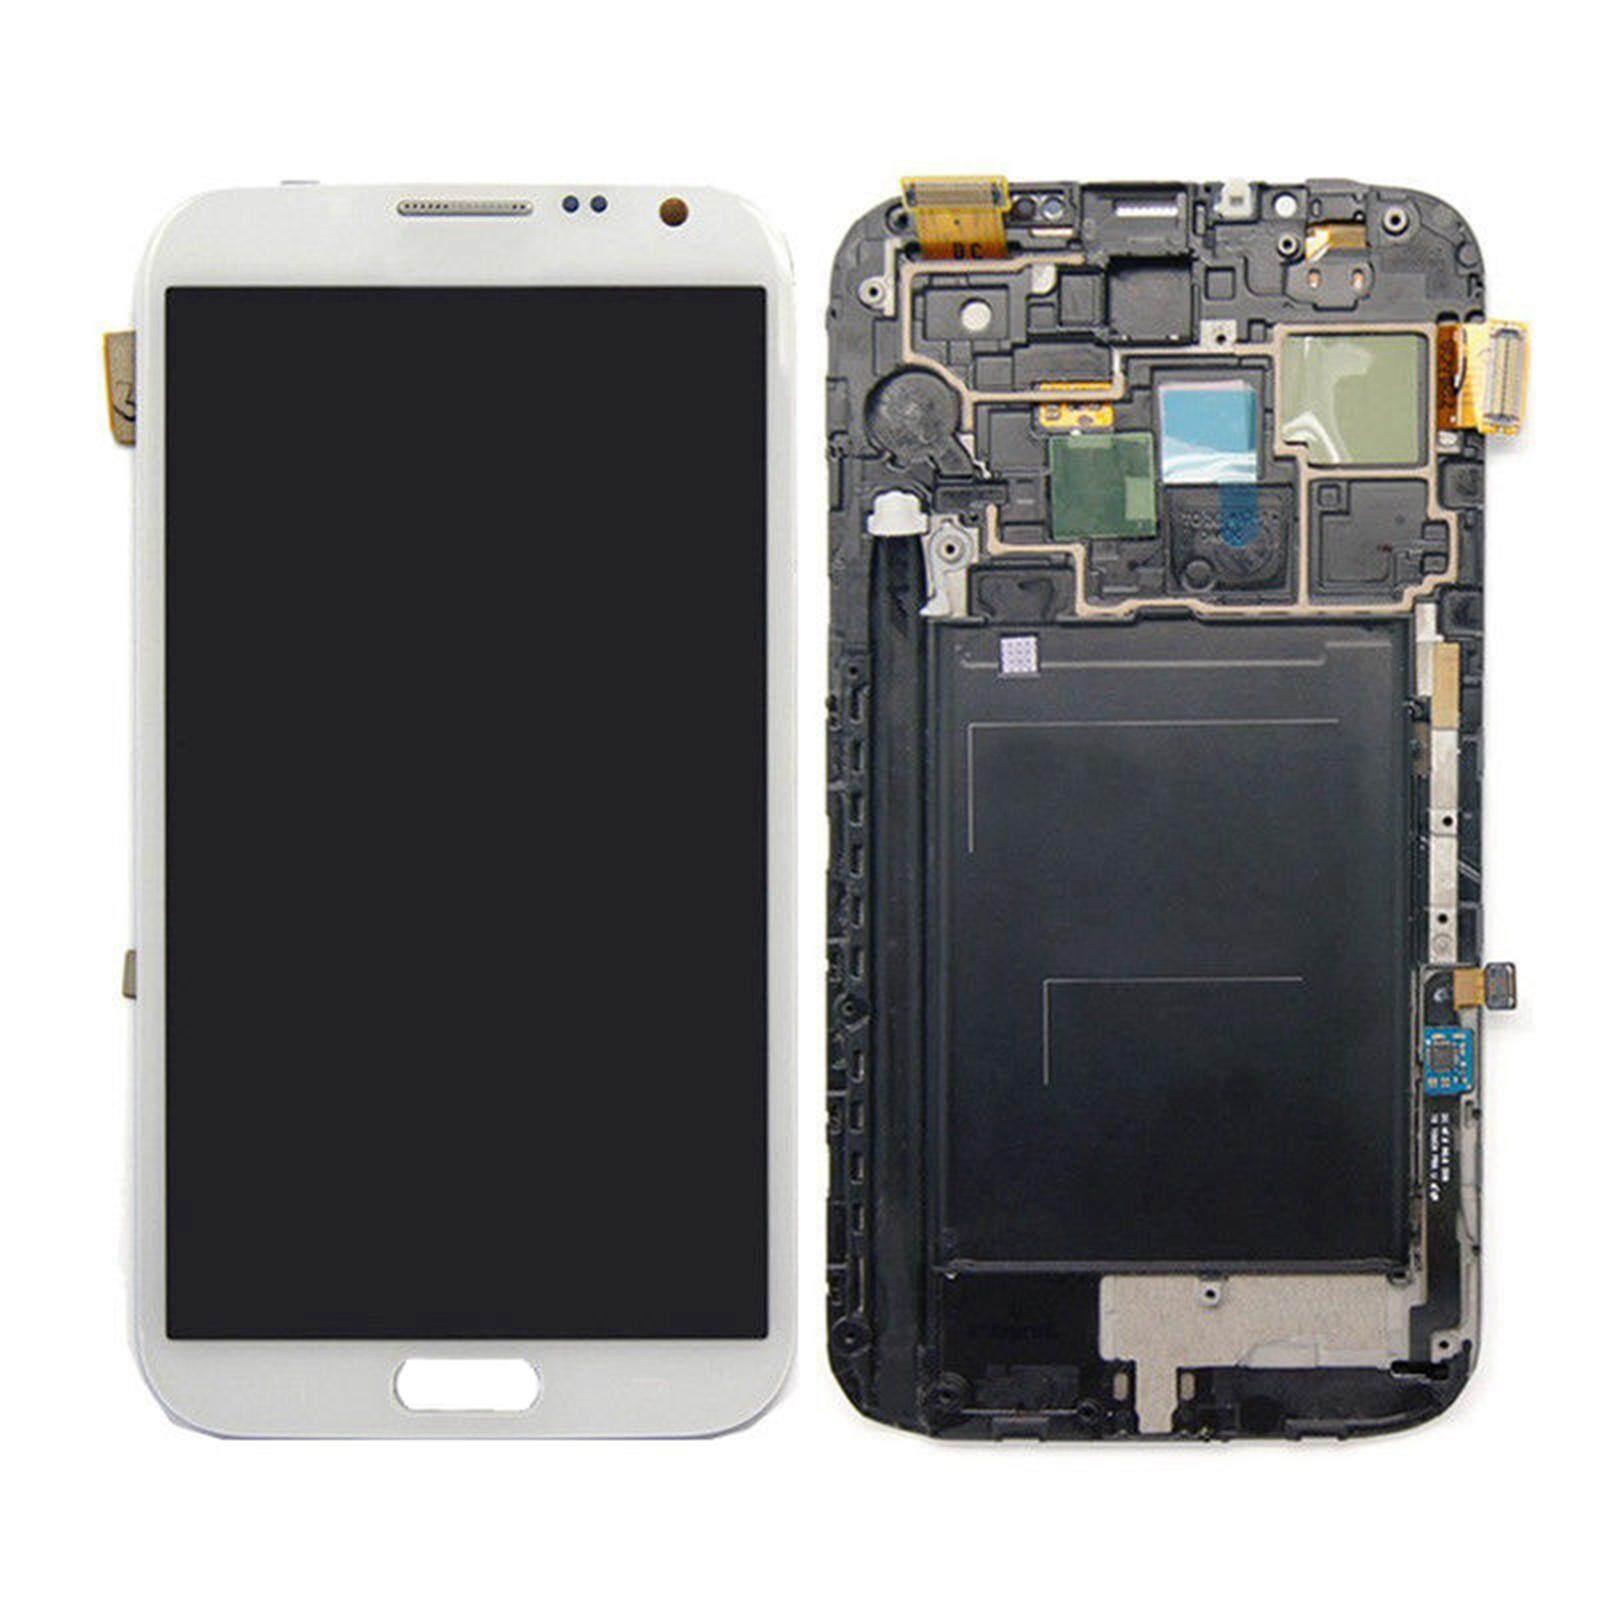 Layar LCD Layar Rakitan Digitizer Sembuh untuk Samsung Galaxy Note 2 II N7100 (dengan Frame)